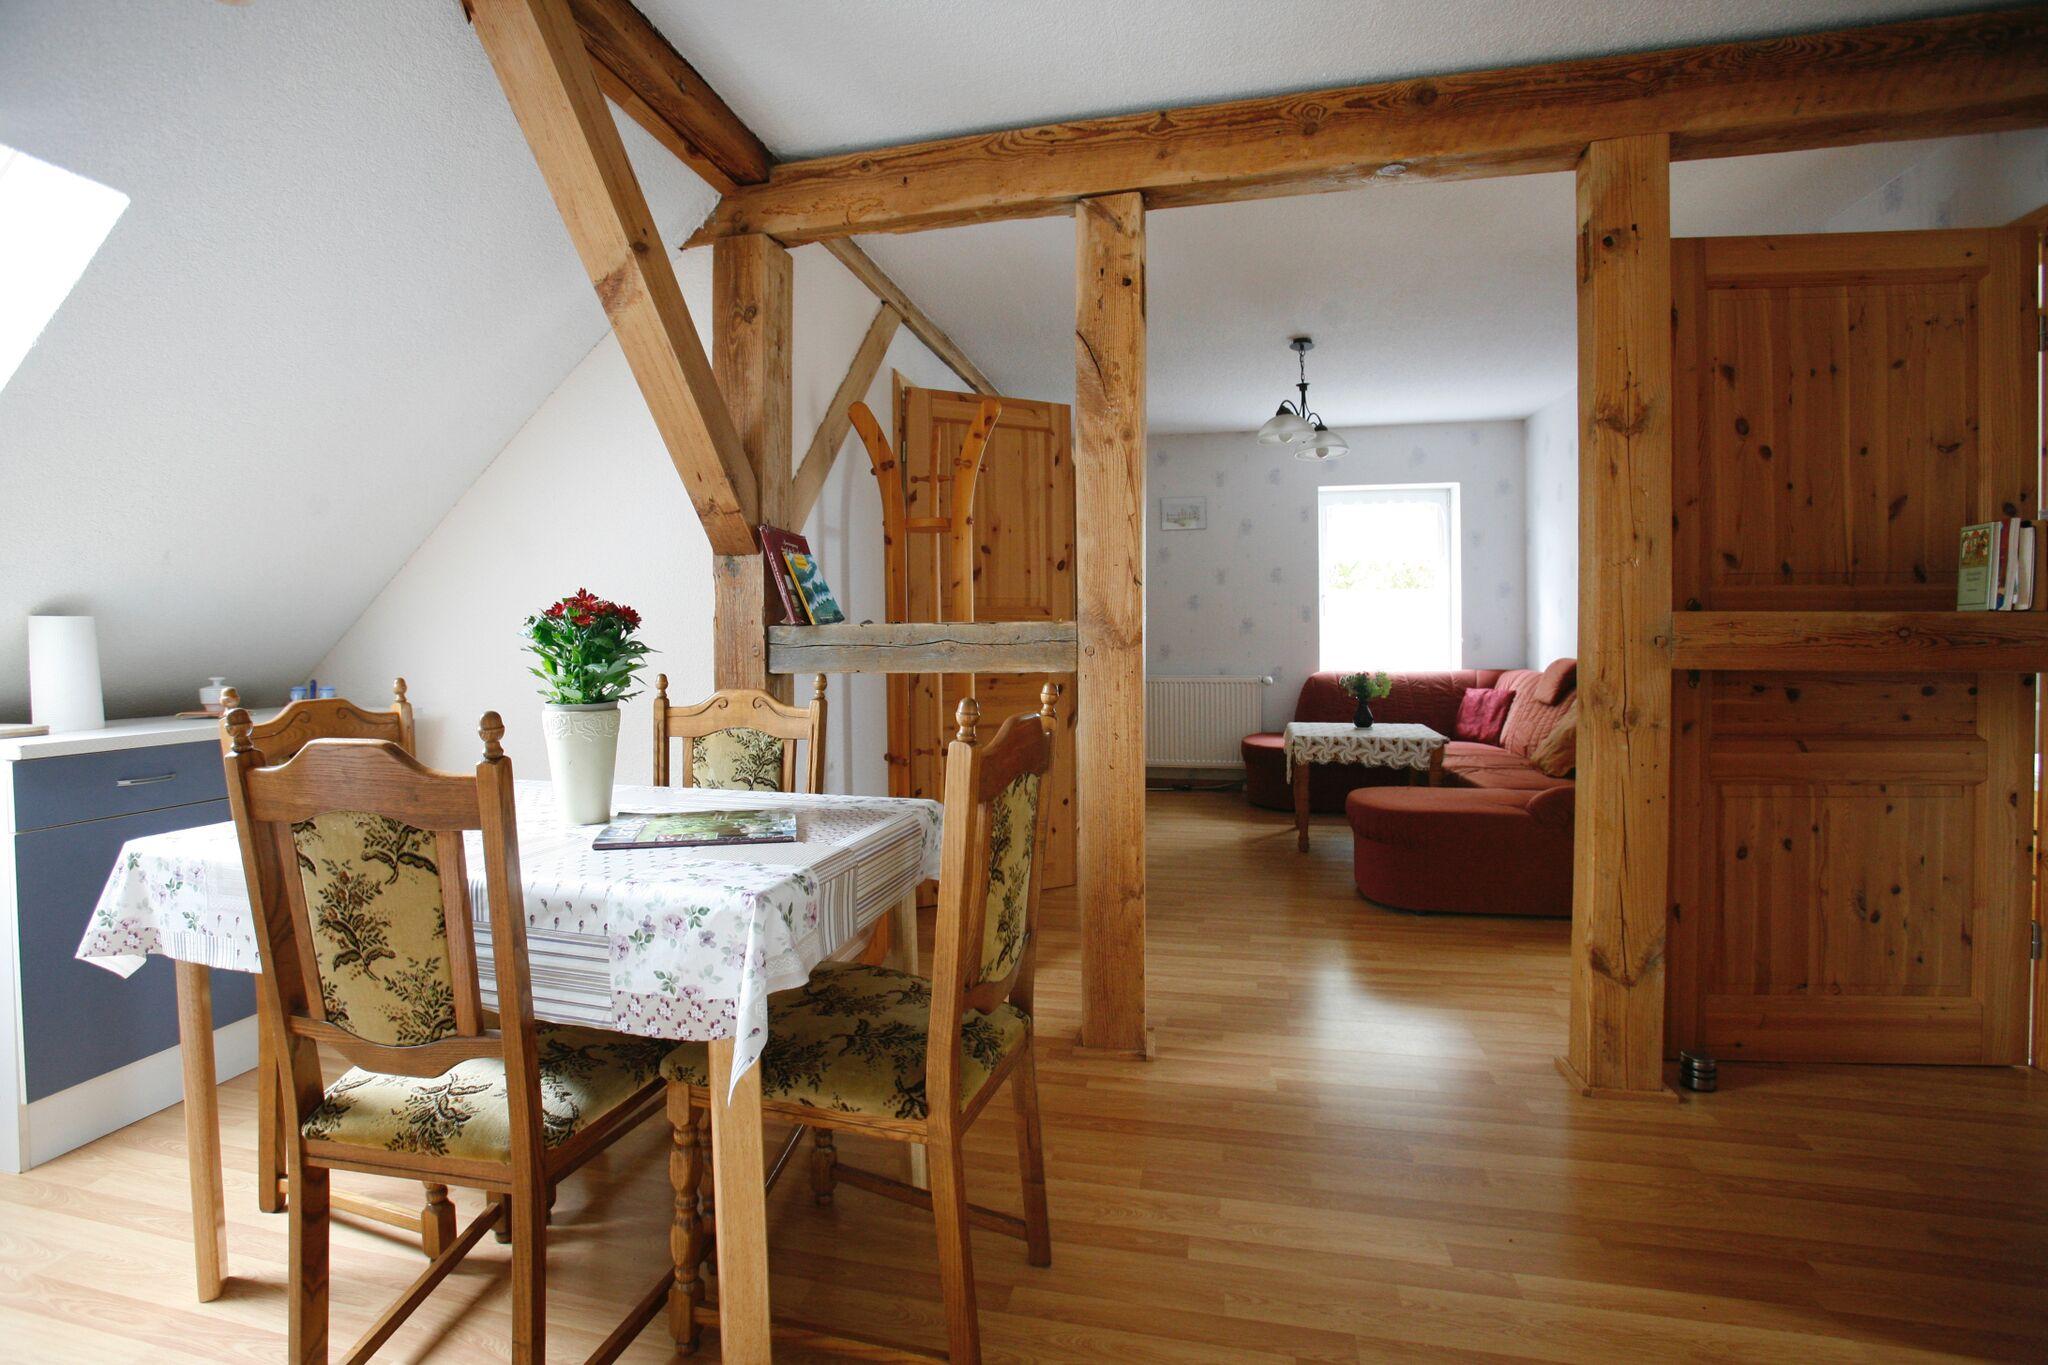 reitpension am wiesengrund in herzsprung bei angerm nde ferienwohnung 1 60 qm. Black Bedroom Furniture Sets. Home Design Ideas